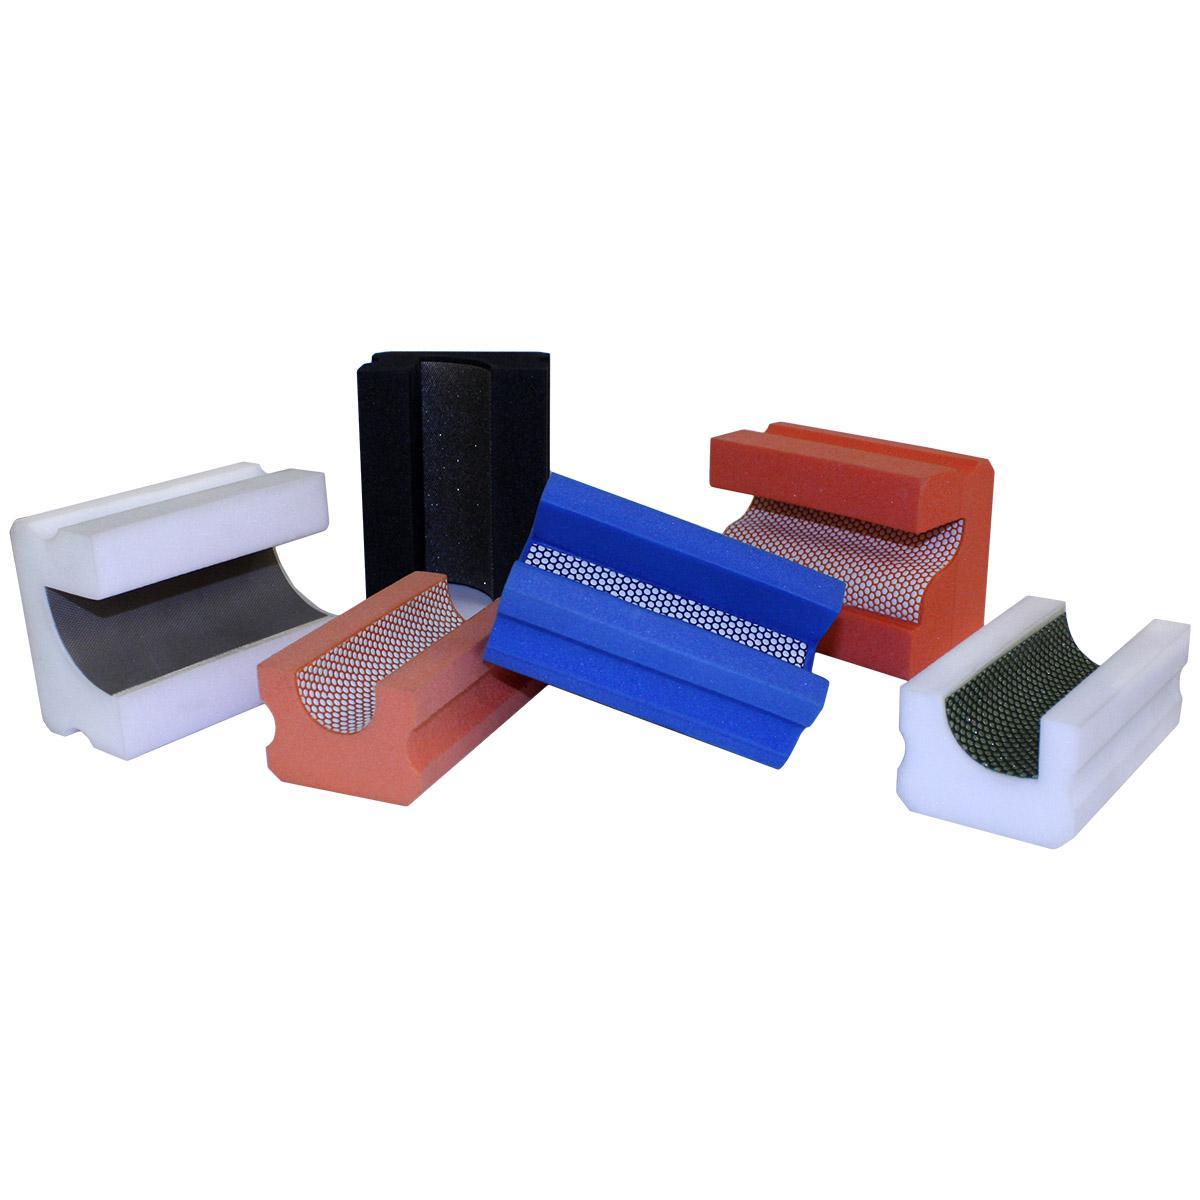 Затир ручной (профиль A) h-30 мм, зерно 500 (белая, полимер)